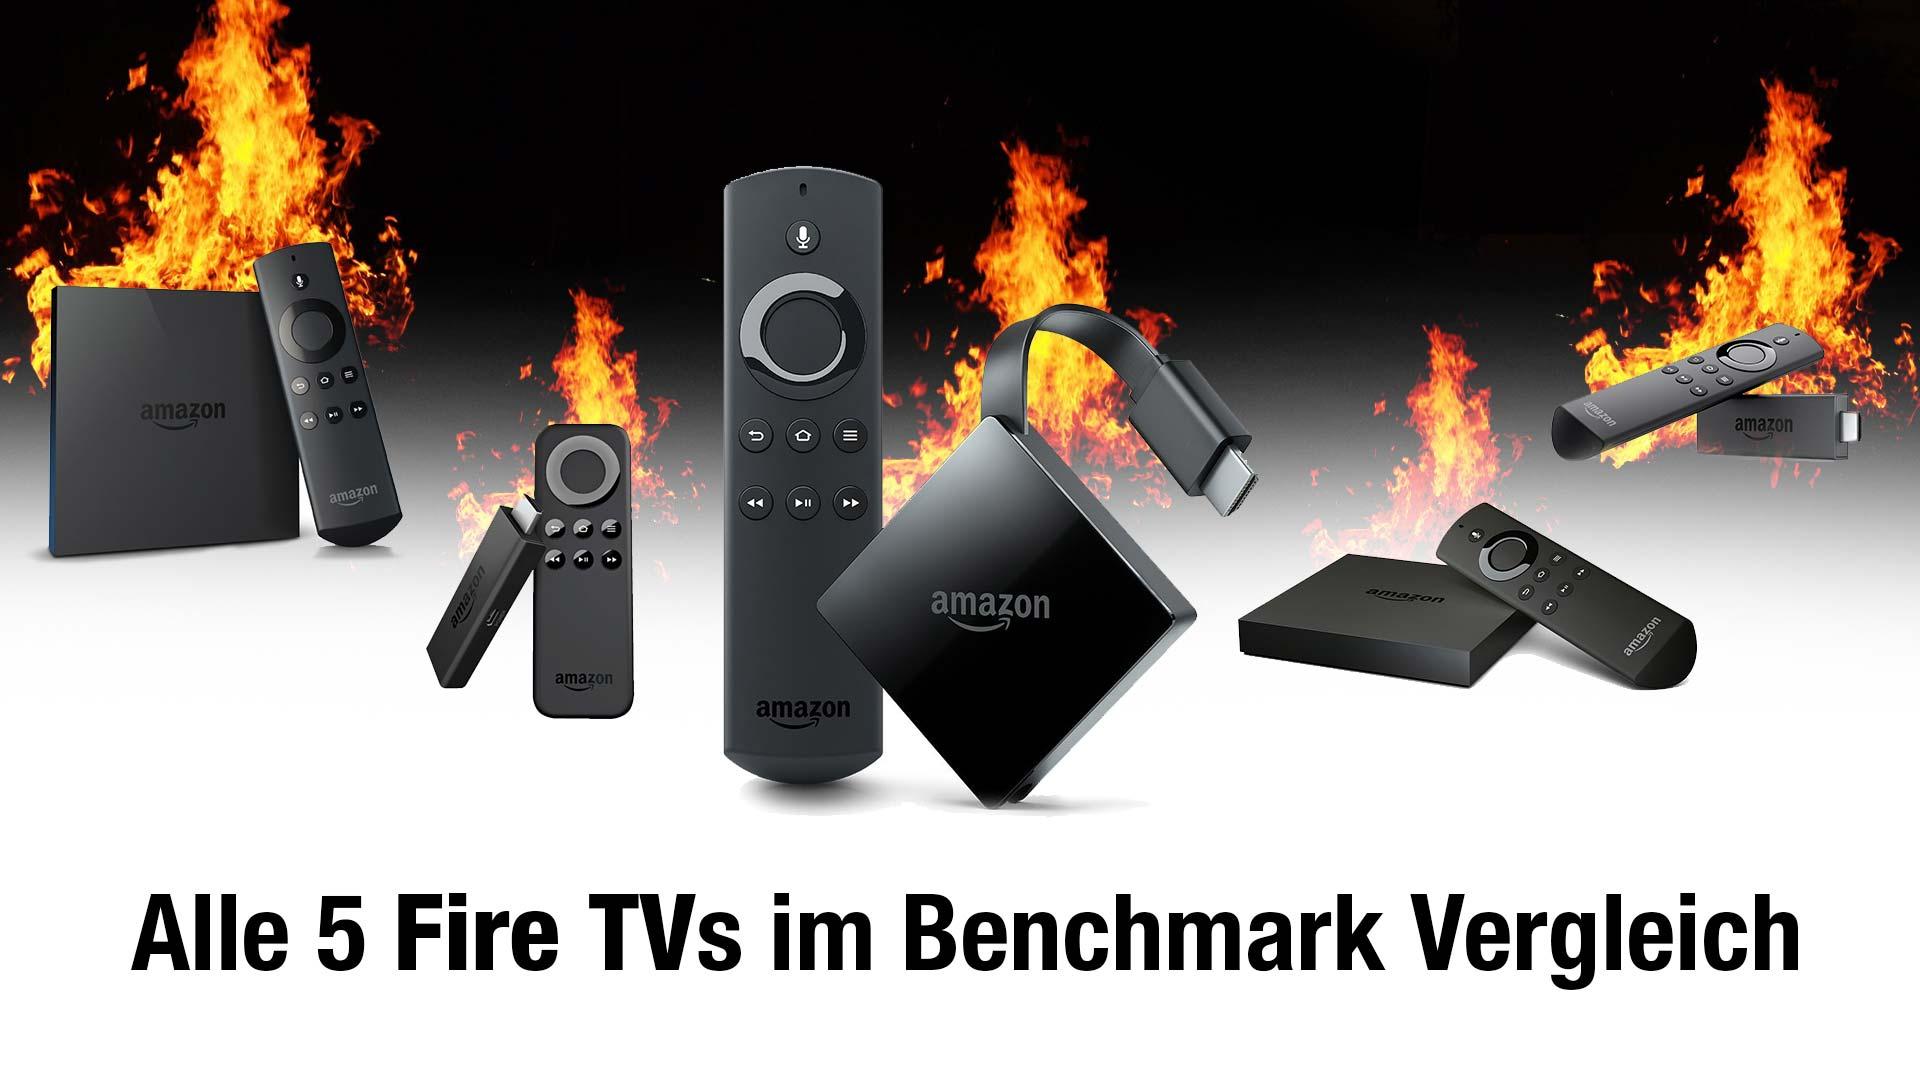 test performance des fire tv 3 im vergleich zu allen. Black Bedroom Furniture Sets. Home Design Ideas